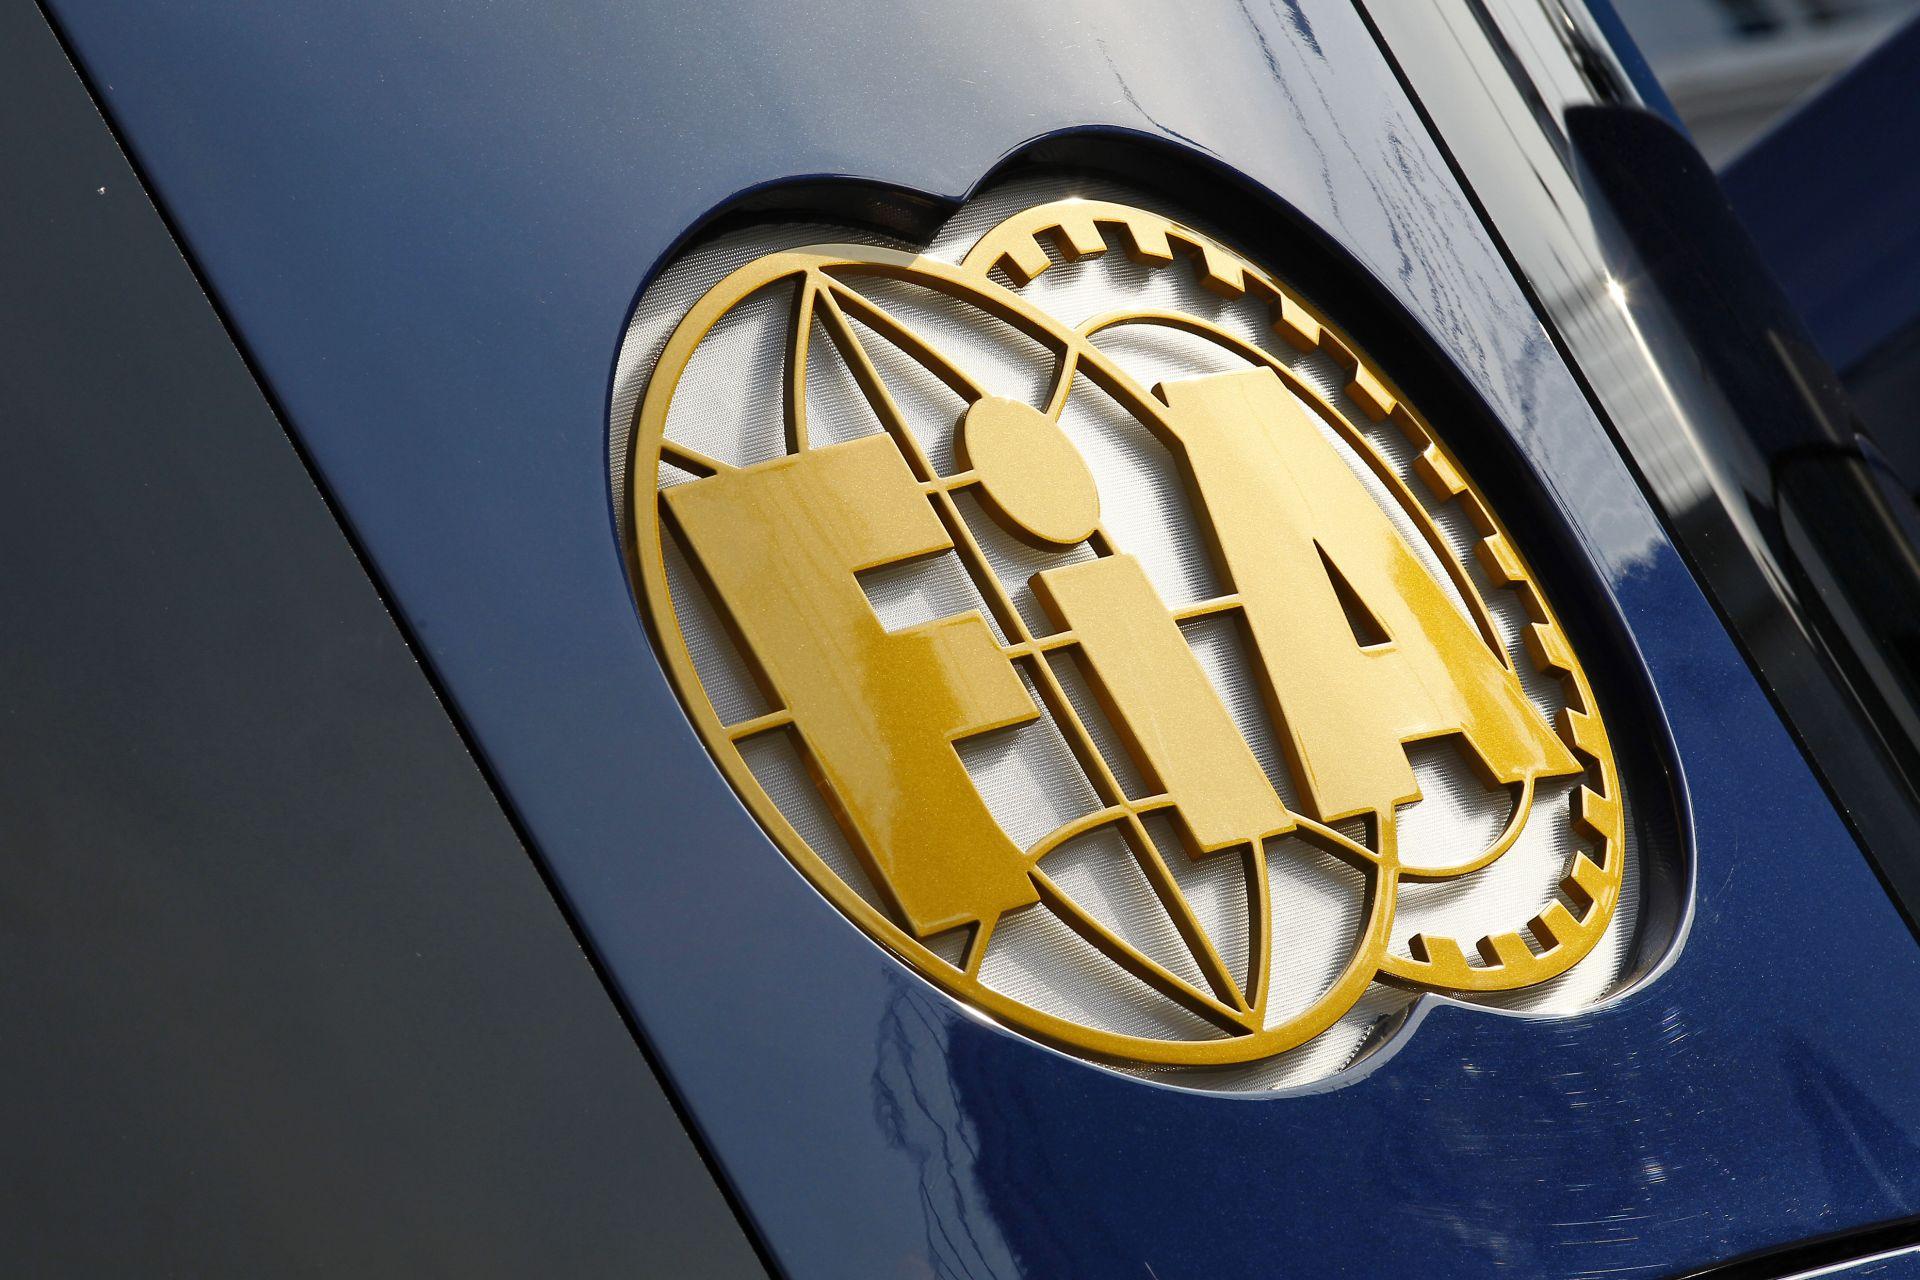 Túl sok a kanyarlevágás a Forma-1-ben, az FIA-nek lépnie kell